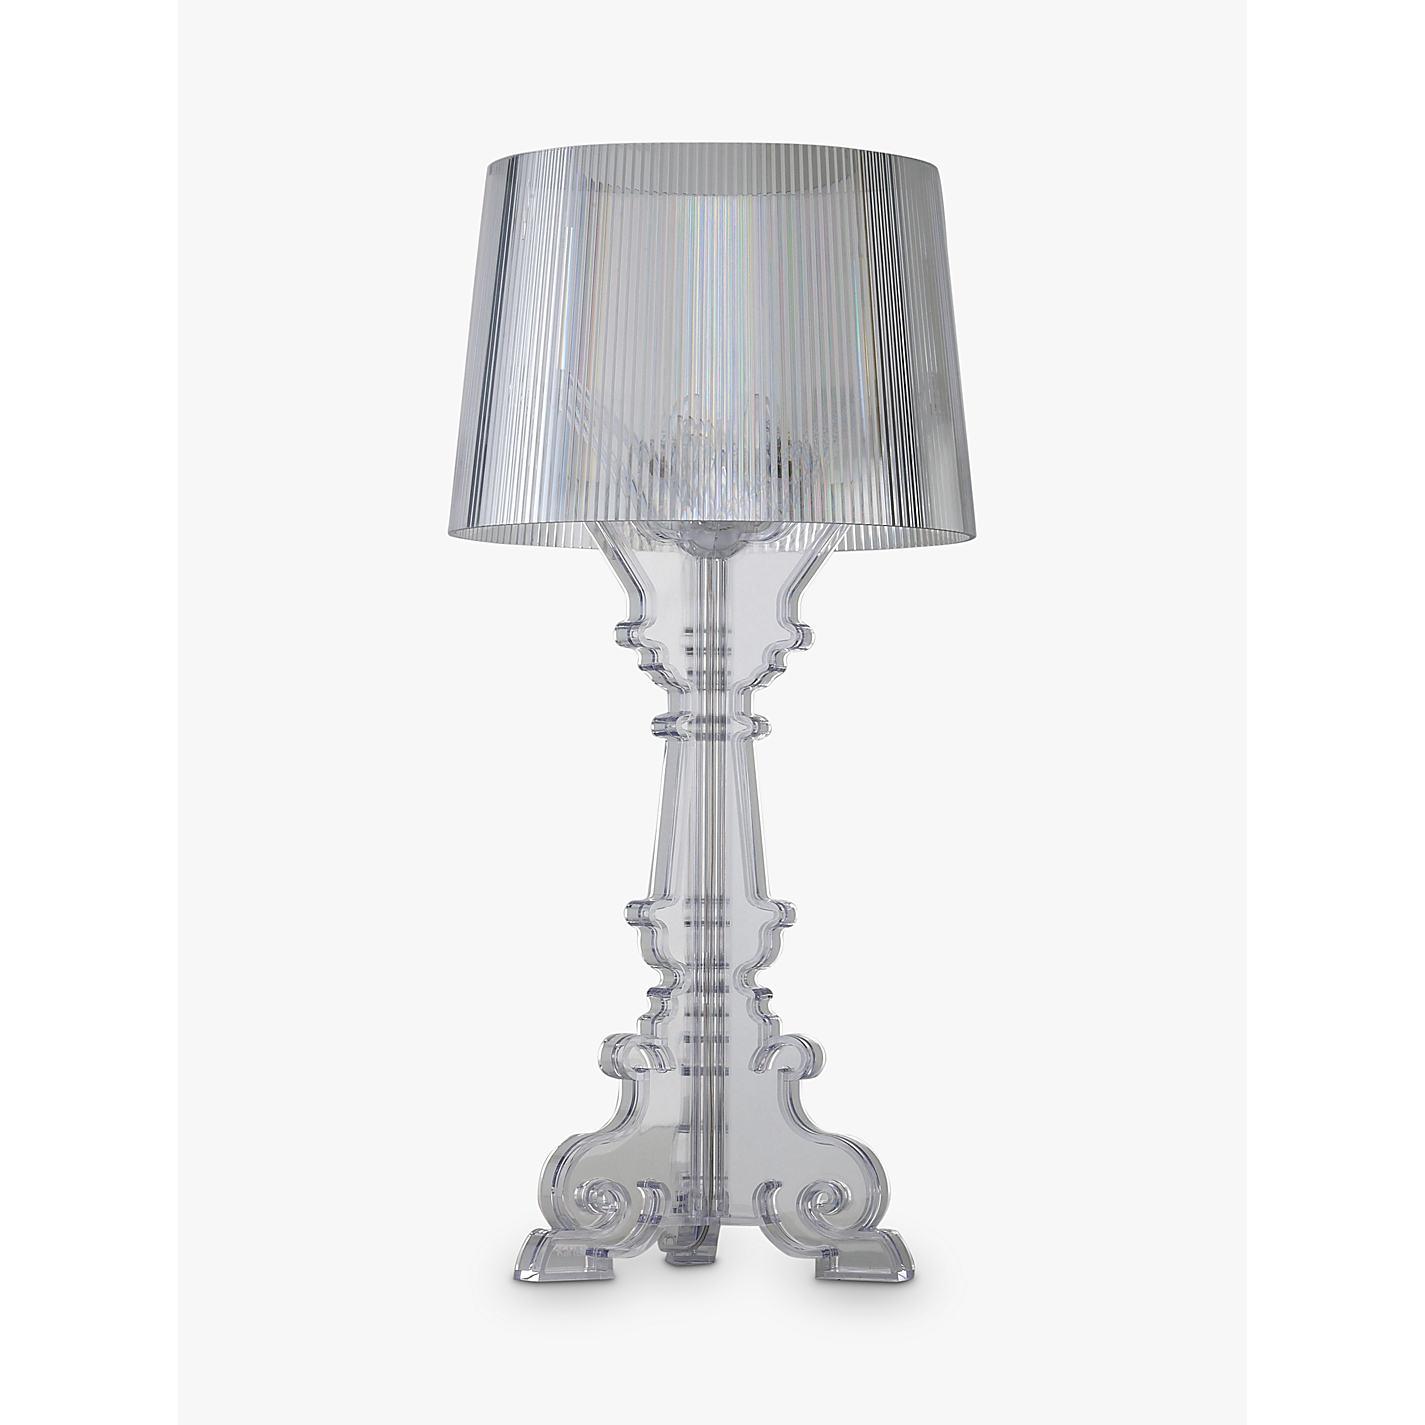 Buy kartell bourgie table lamp john lewis buy kartell bourgie table lamp online at johnlewis mozeypictures Gallery